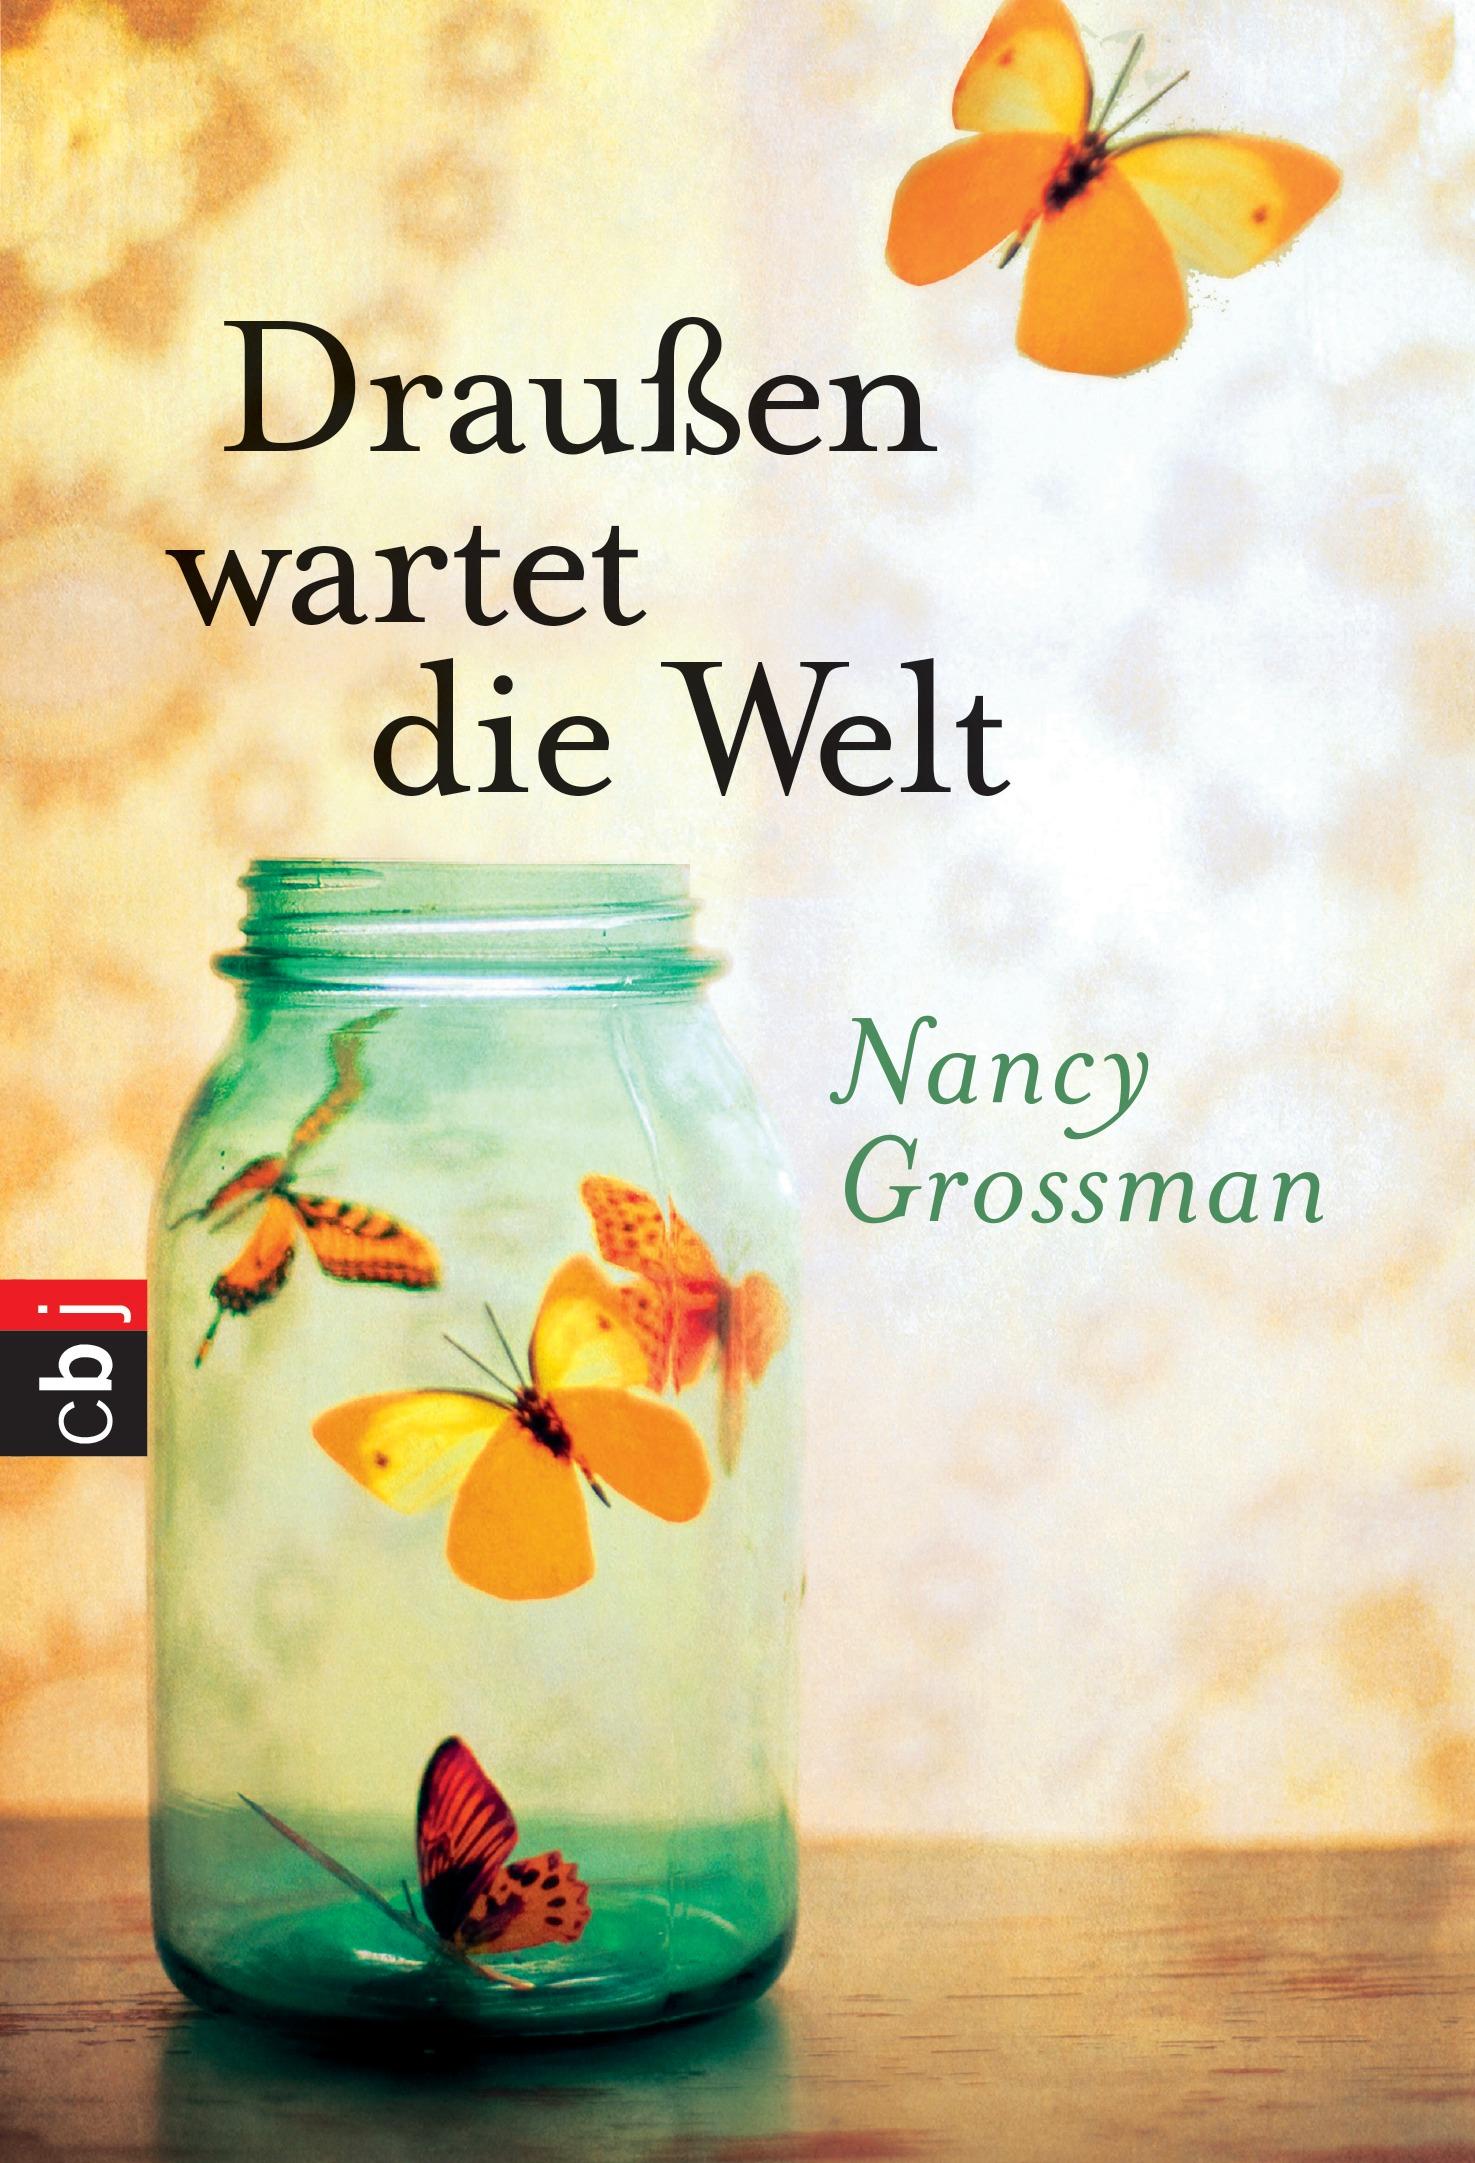 Draußen wartet die Welt - Grossman, Nancy